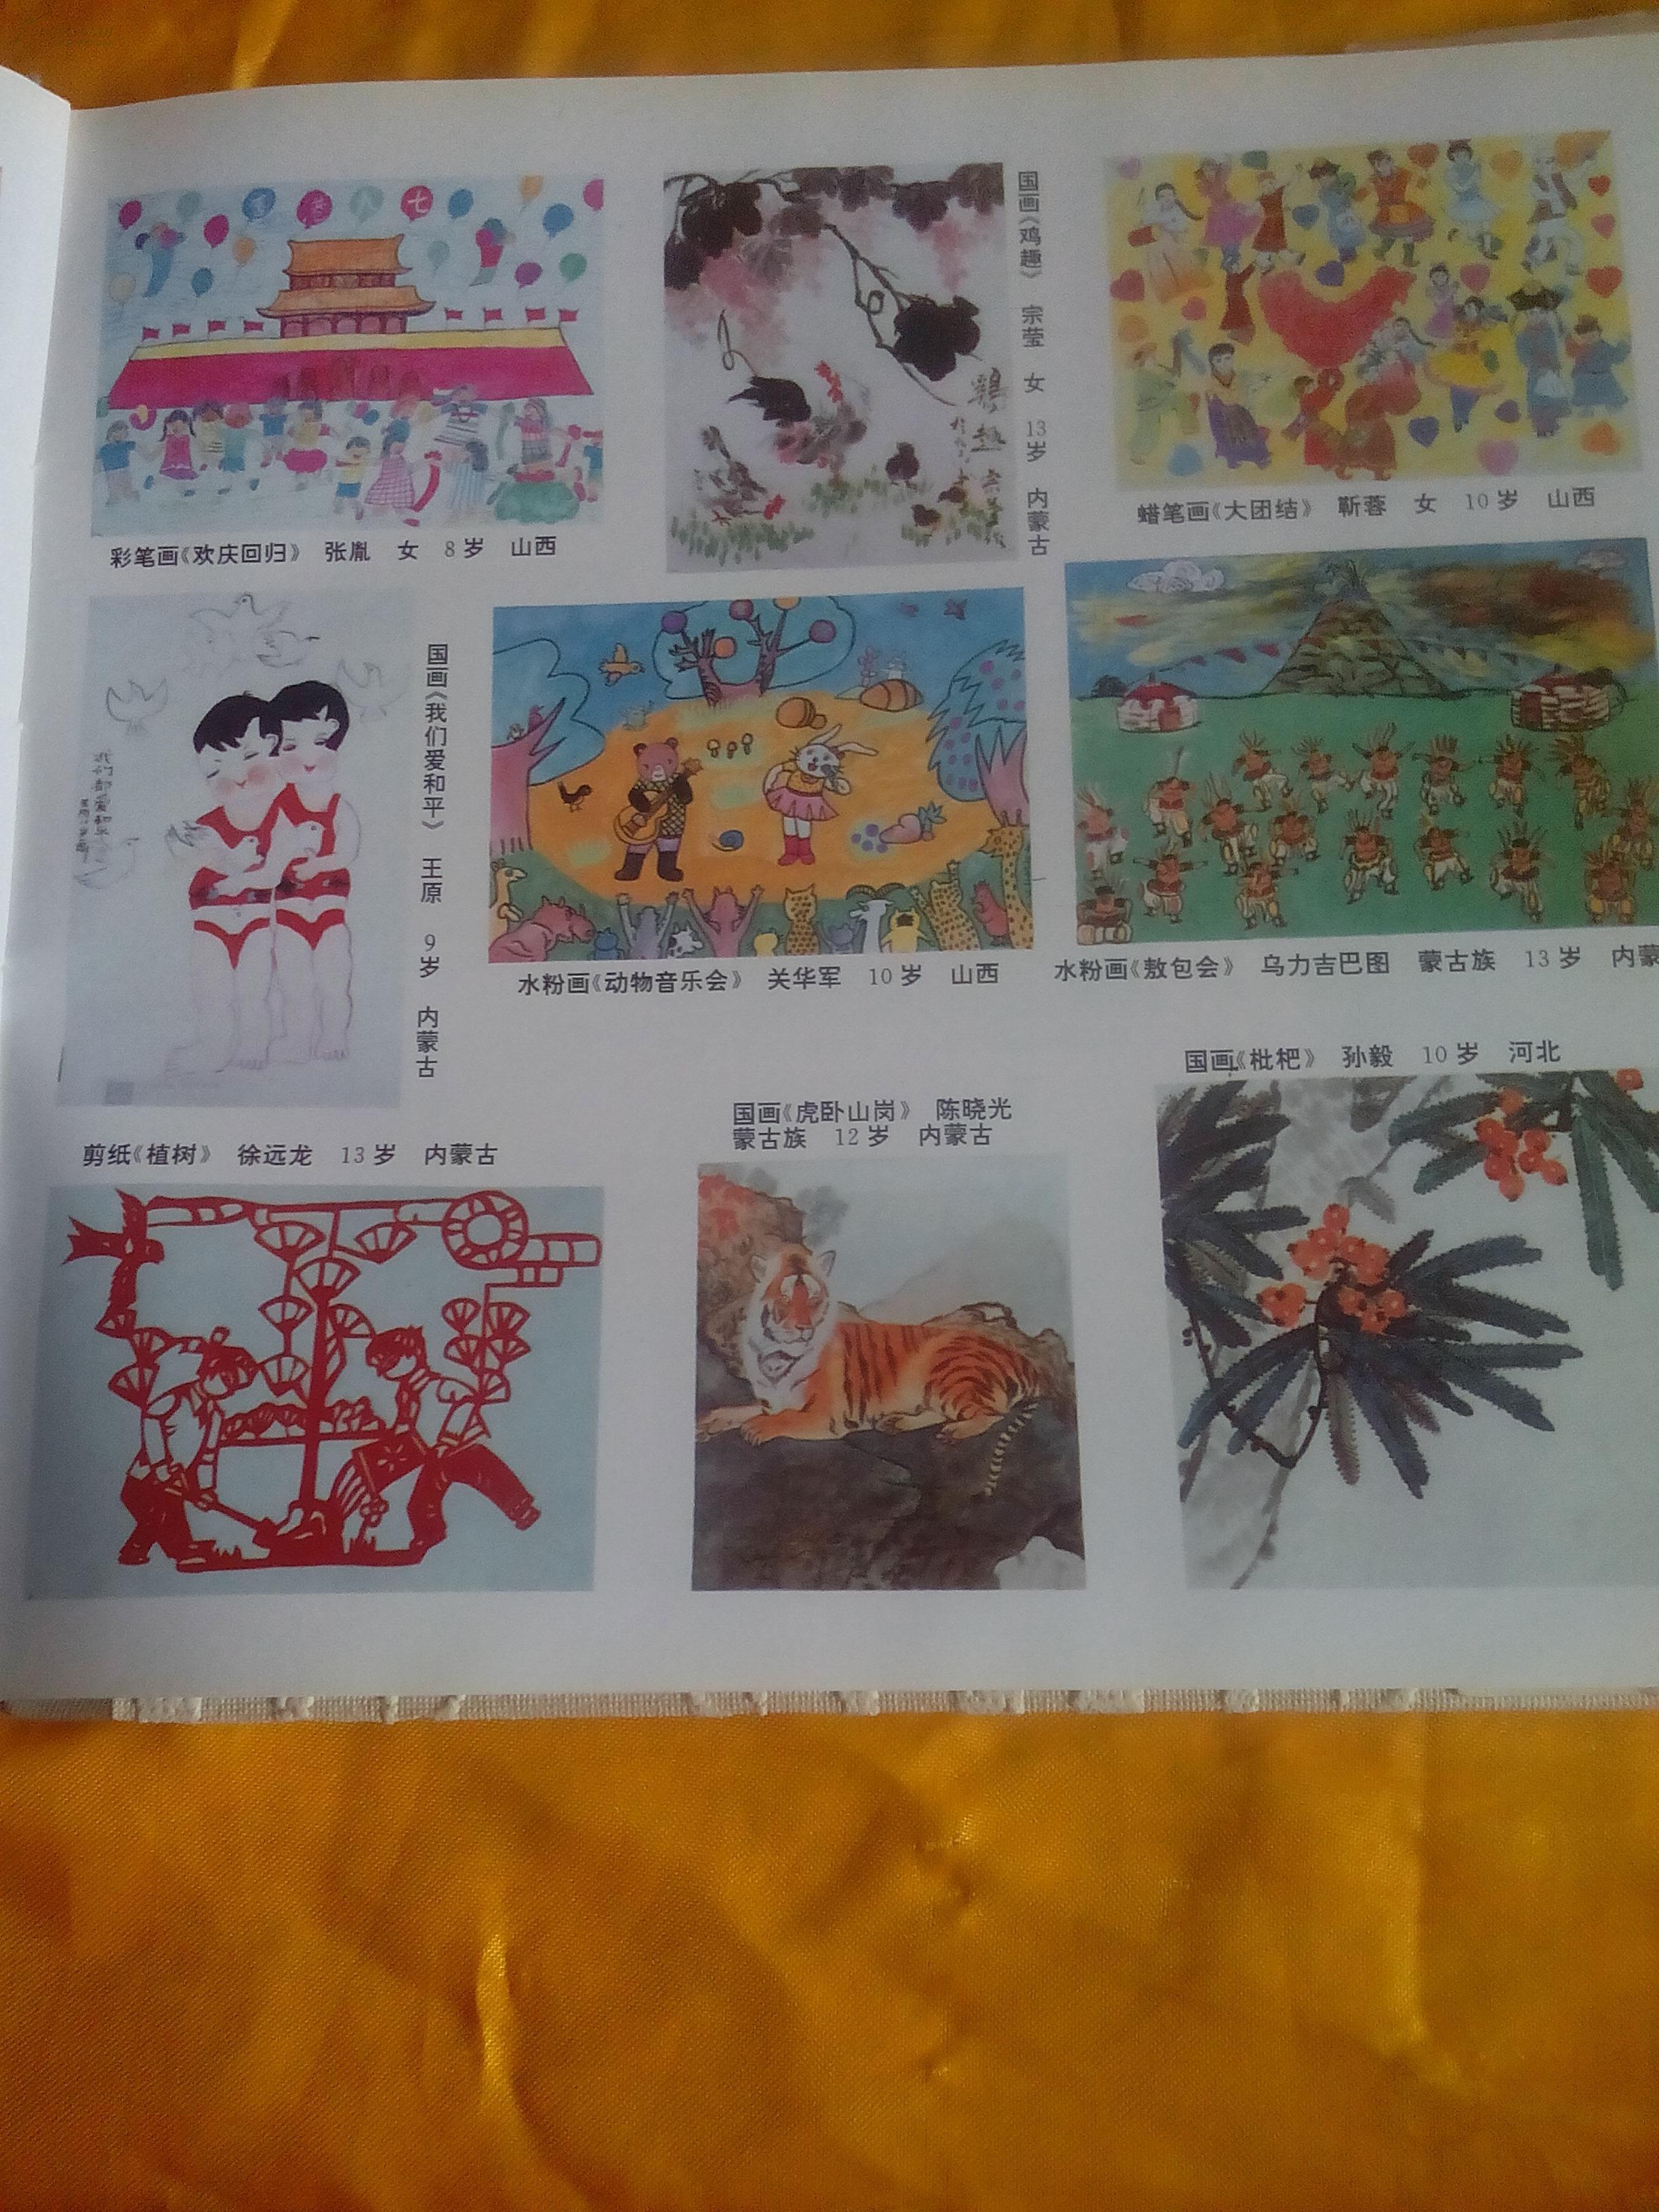 【图】双龙杯全国少年儿童书画大赛获奖作品选集